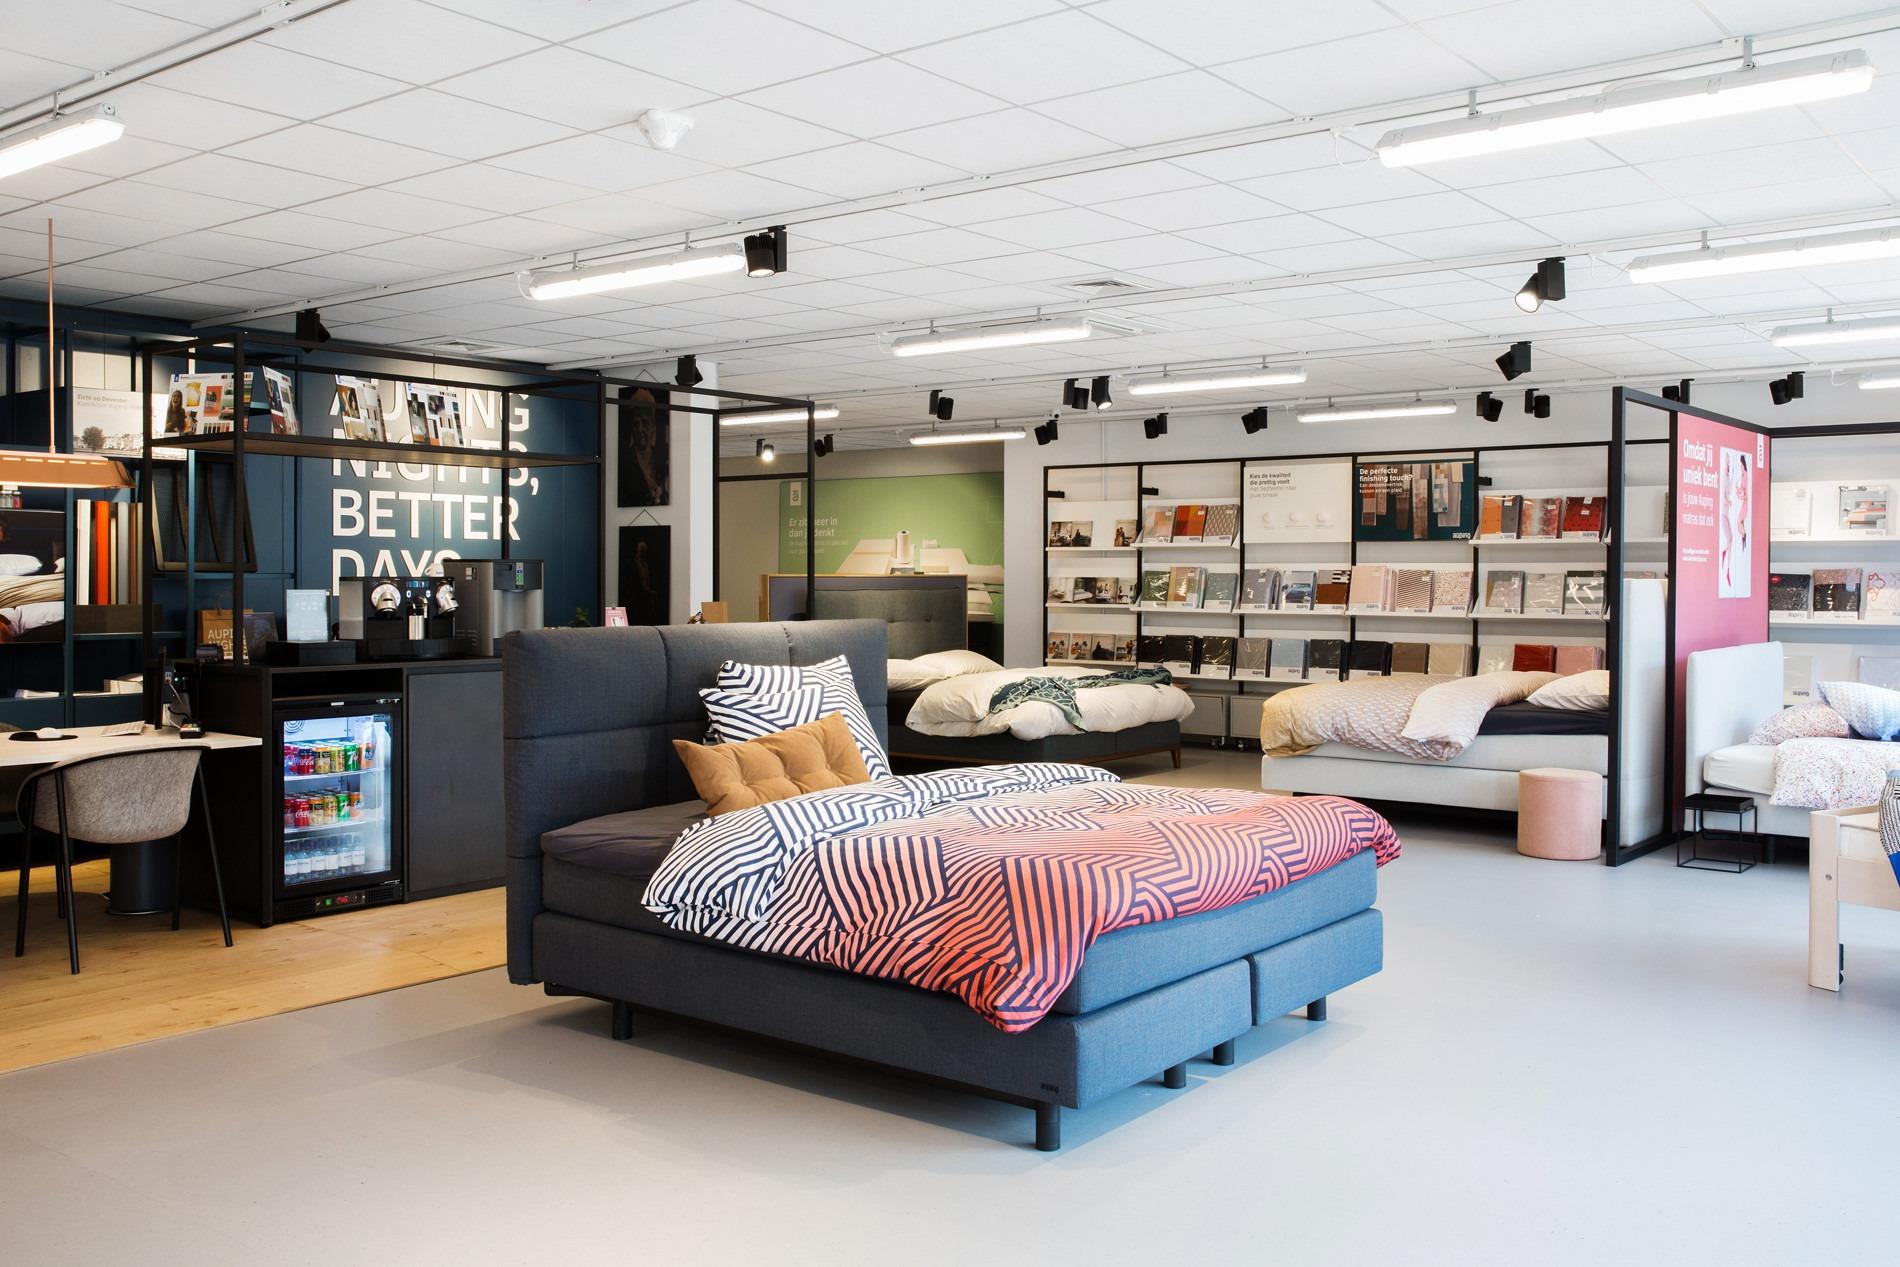 Volledige Auping assortiment in beddenwinkels Den Haag